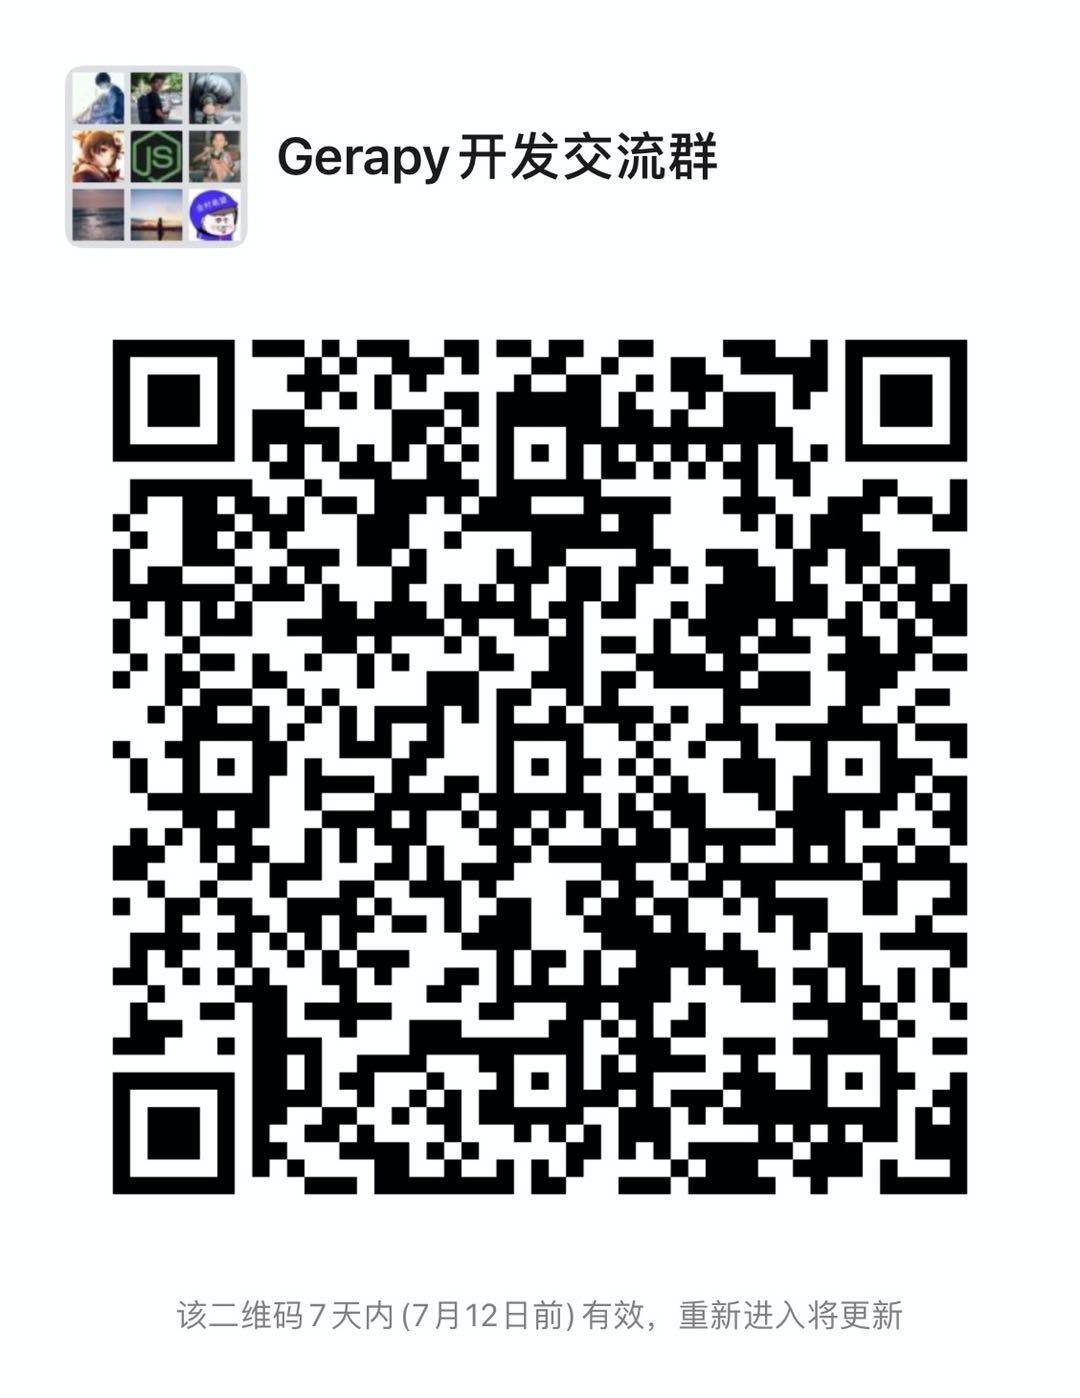 image-20200705225922008